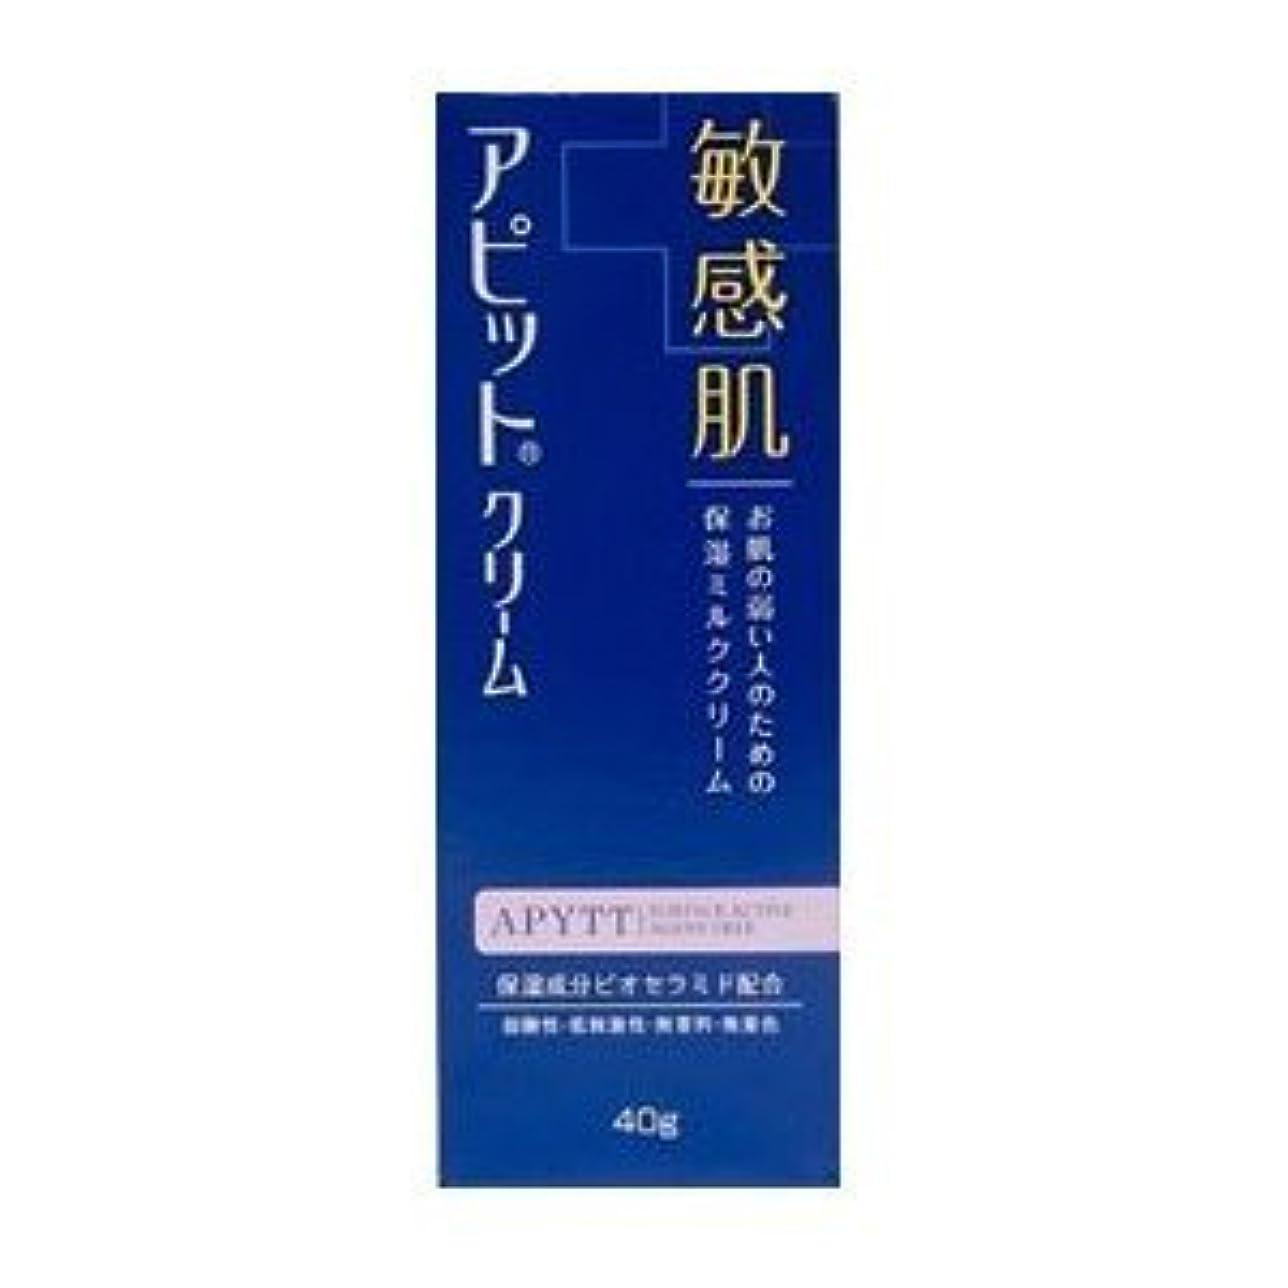 ビデオ光無駄に全薬工業 アピットクリーム 40g×3個セット (医薬部外品)